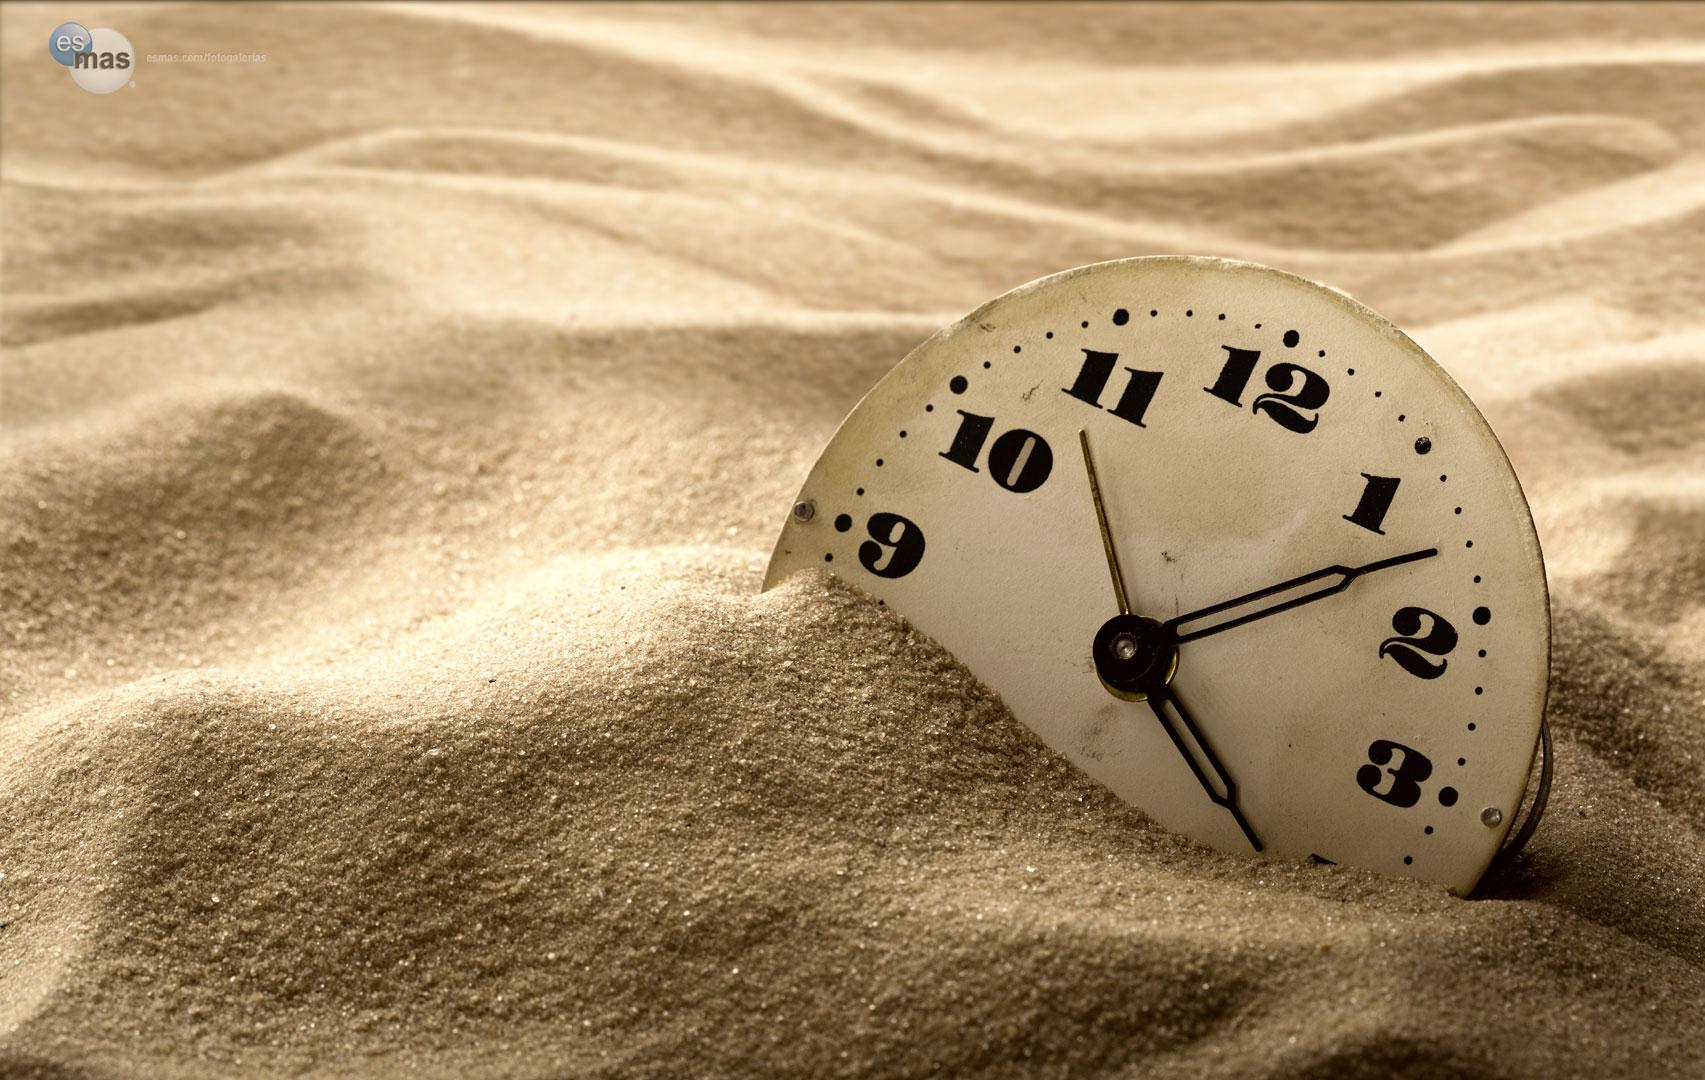 El misterio del tiempo surysur for Temperatura en otura